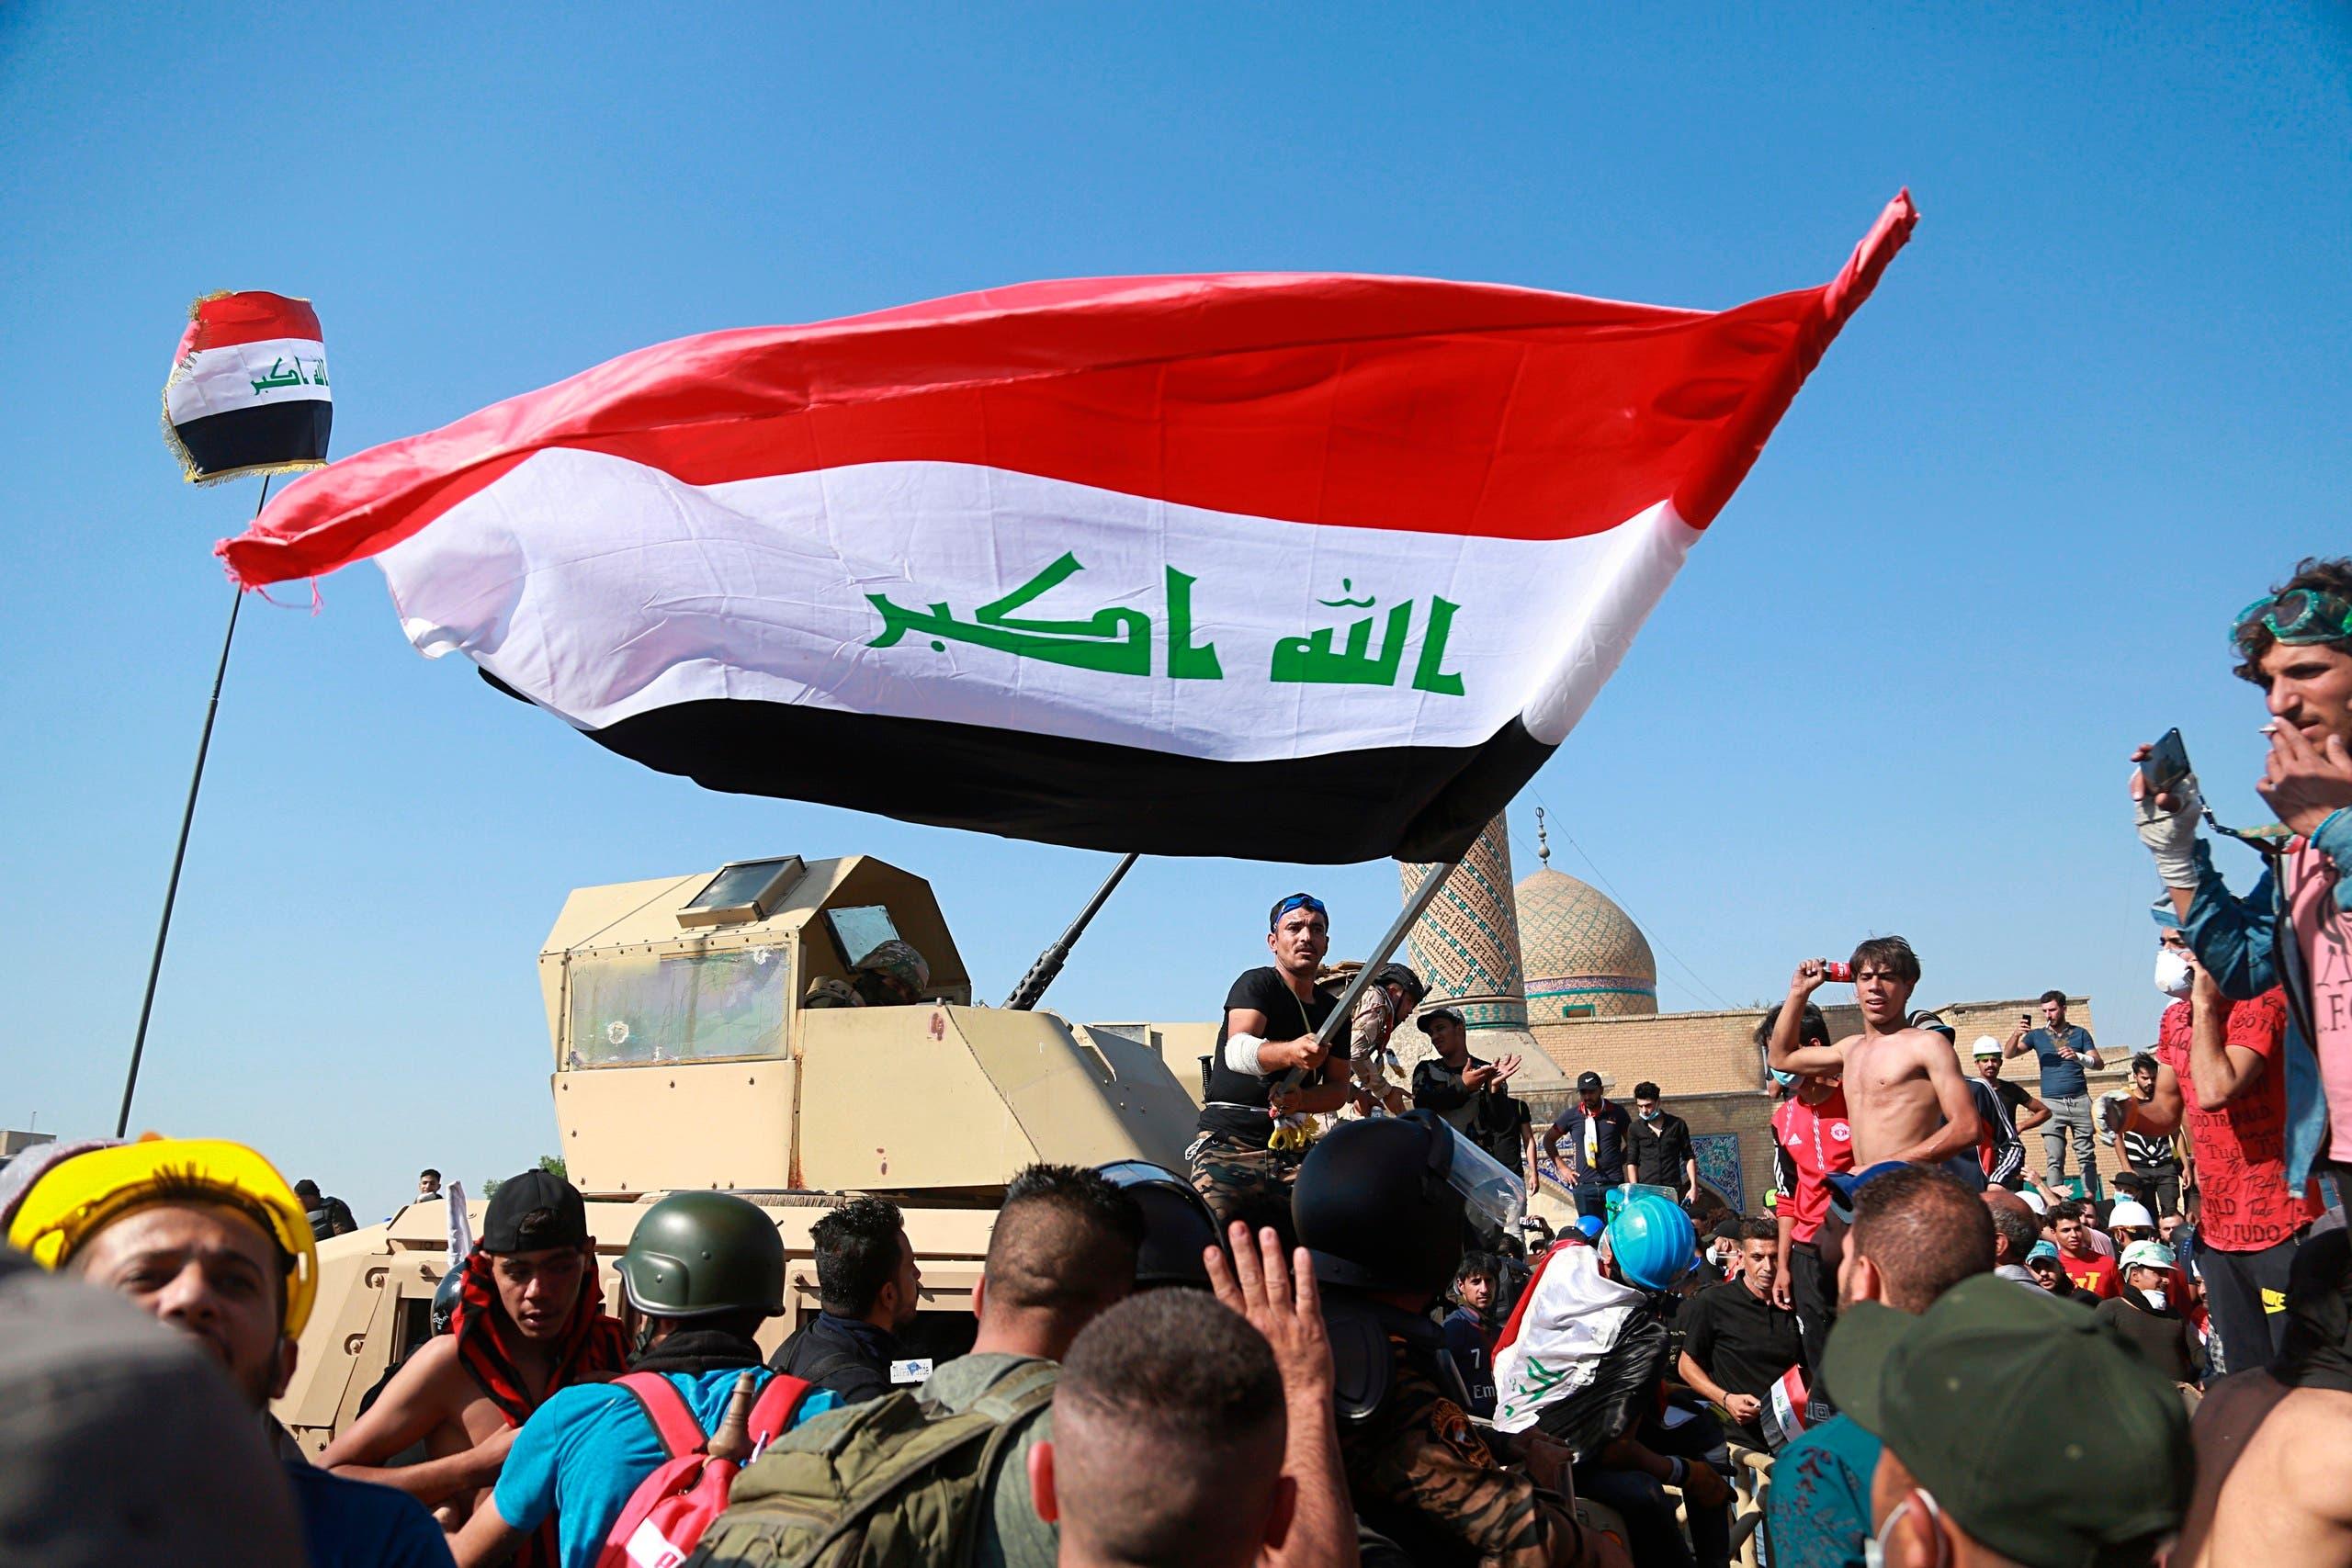 تظاهرات العراق 6 نوفمبر اسوشيتد برس